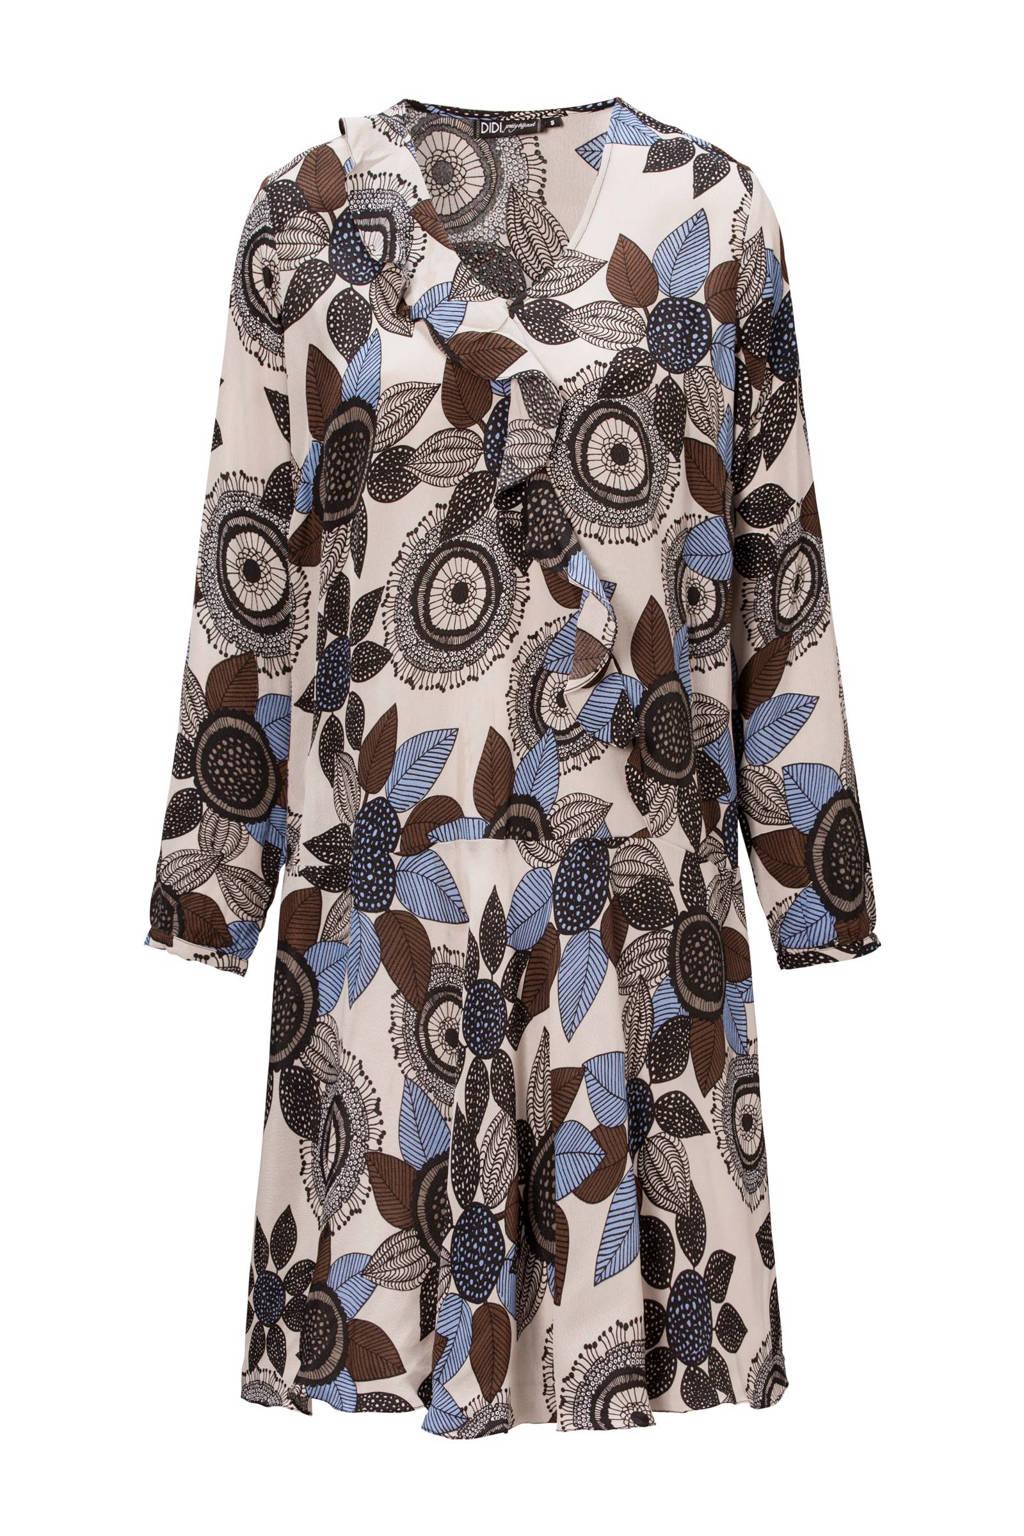 Didi jurk, Ecru/bruin/paars